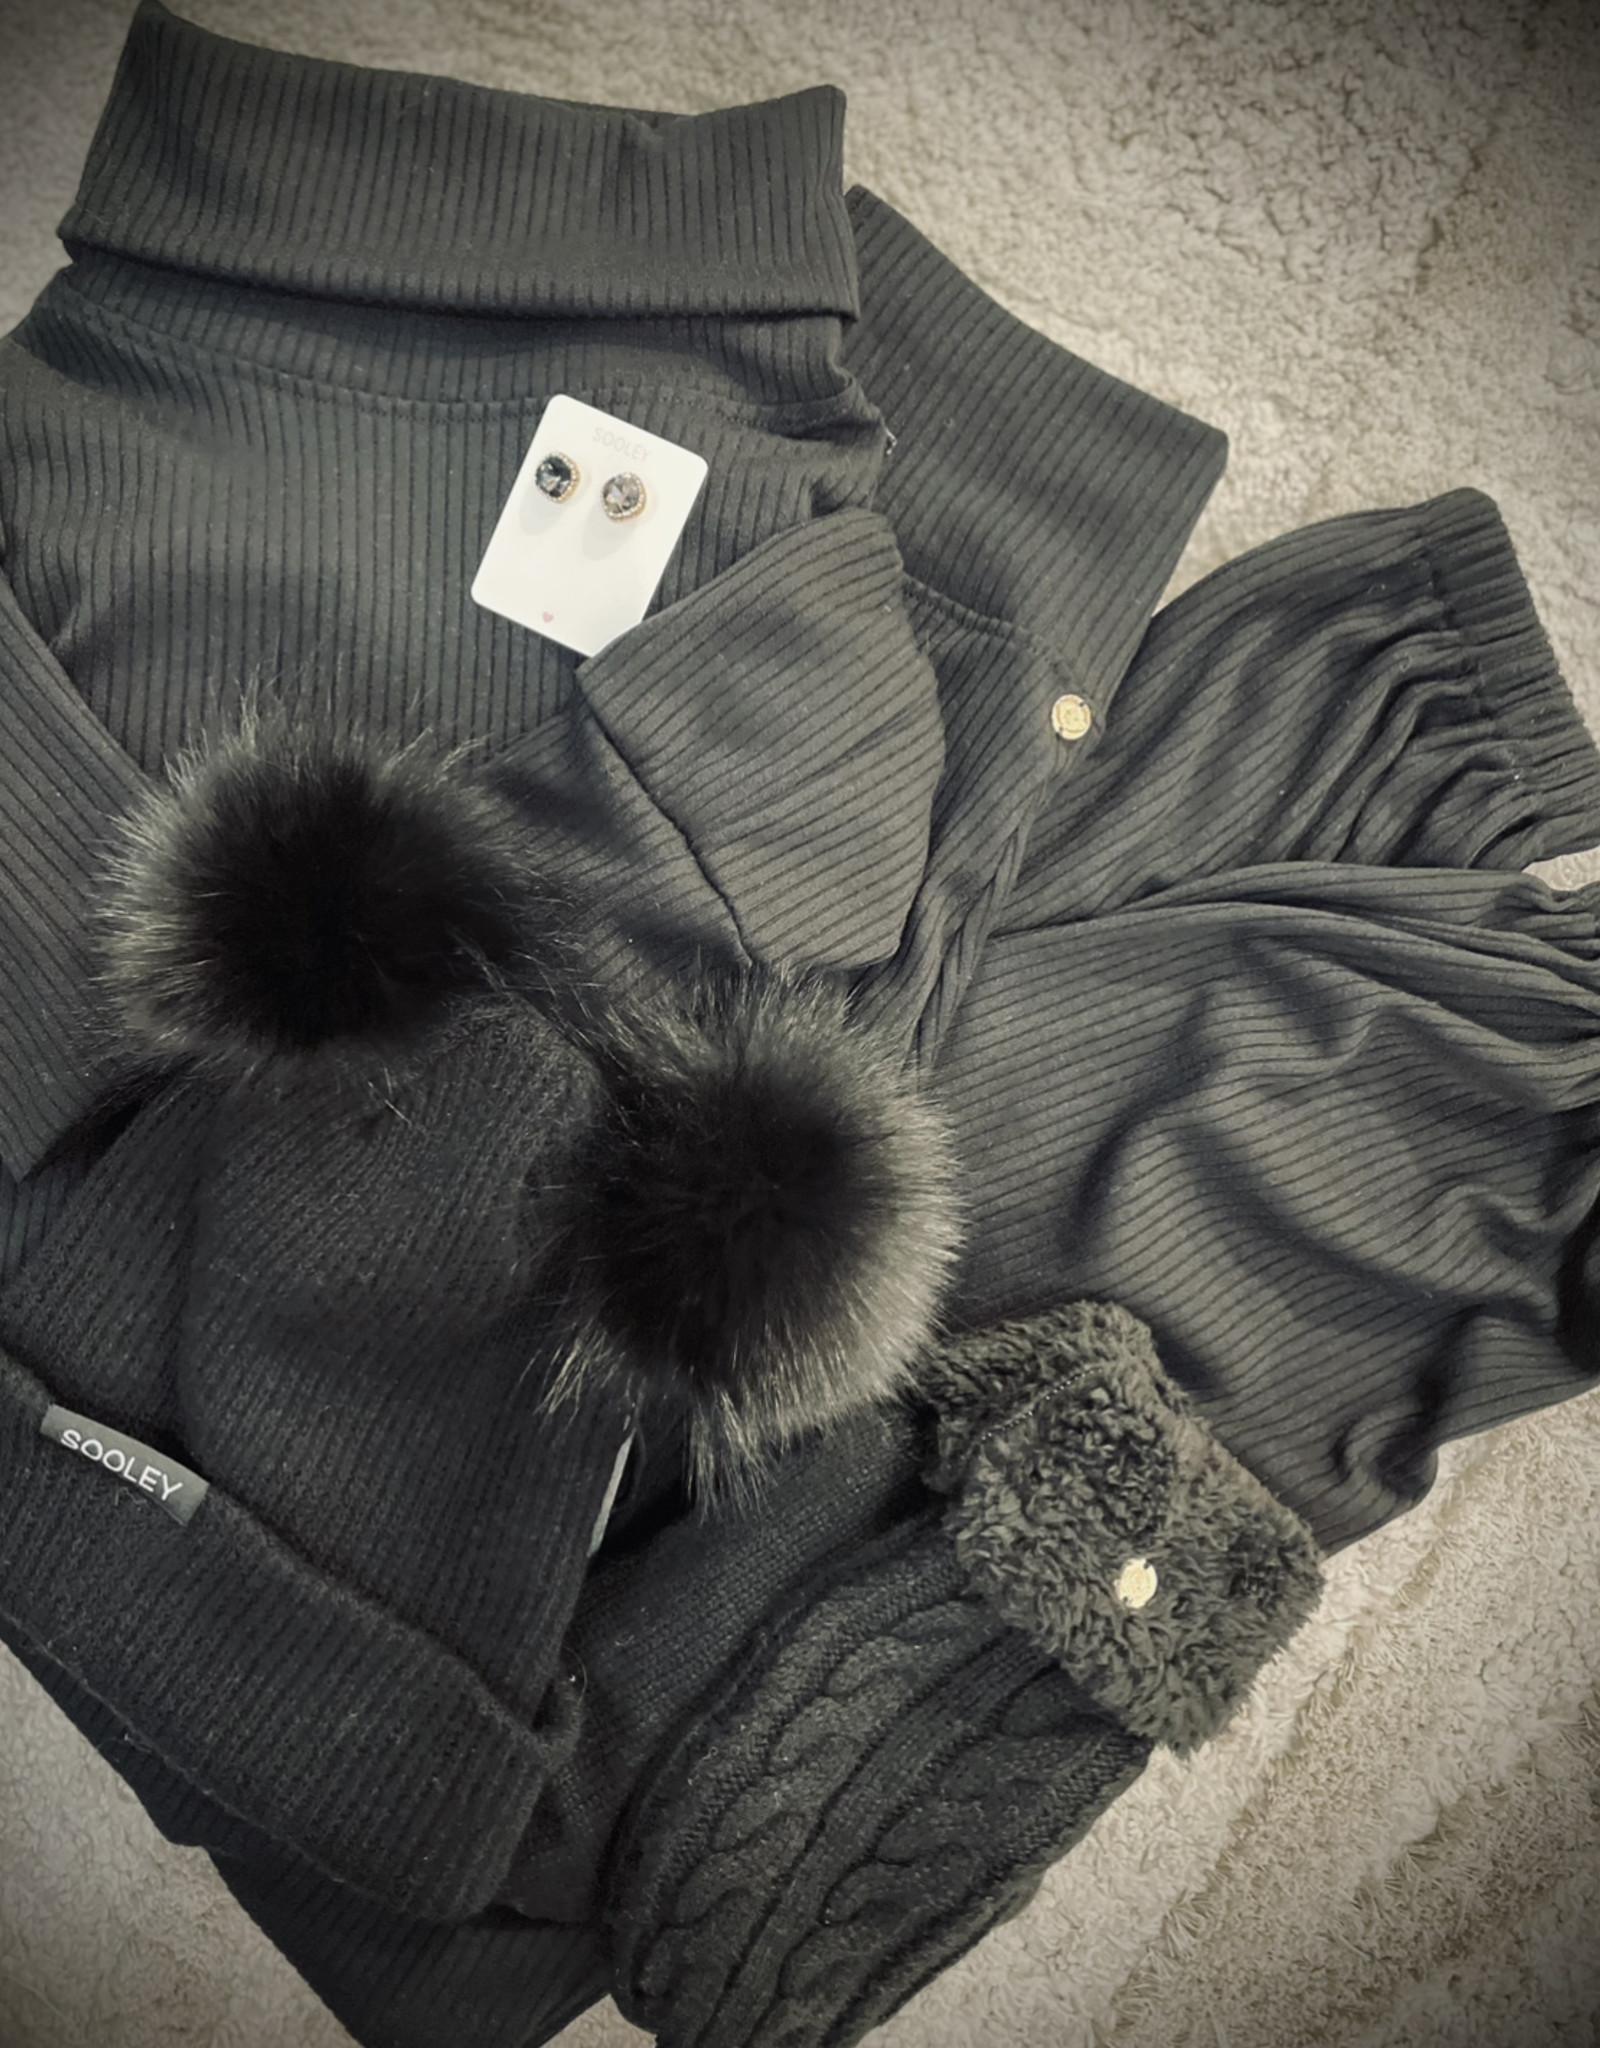 Knit Mittens - Black